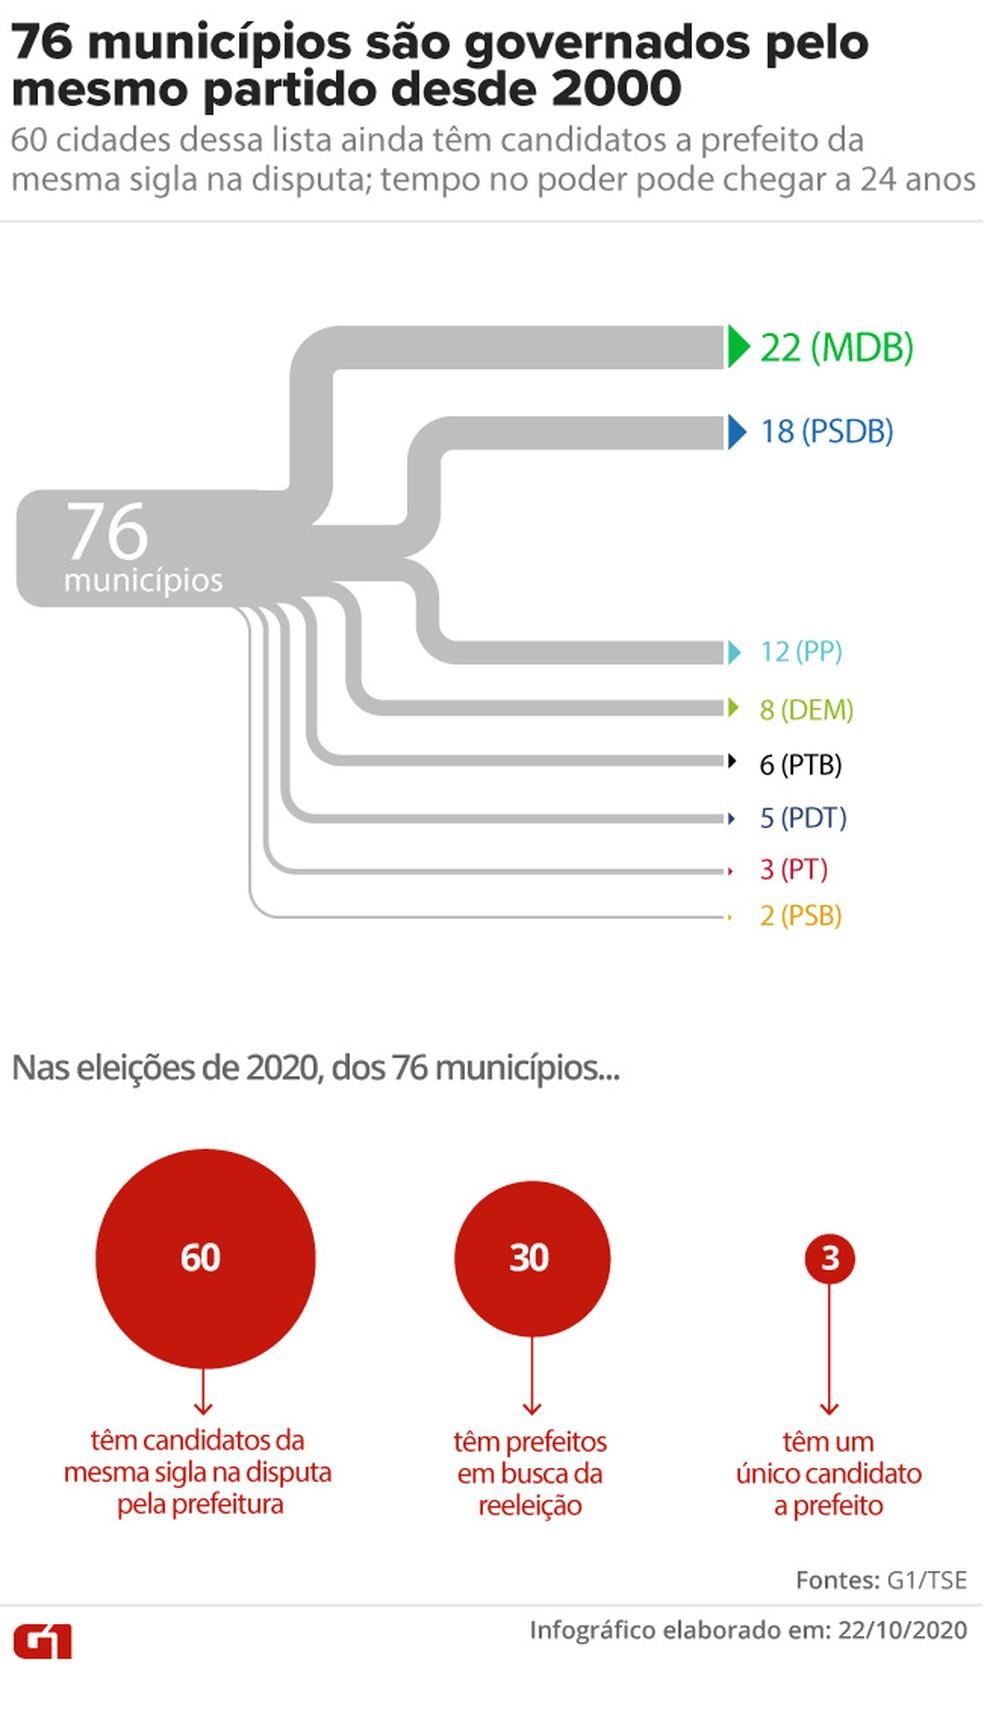 76 municípios são governados pelo mesmo partido desde 2000:  60 cidades dessa lista ainda têm candidatos a prefeito da mesma sigla na disputa; tempo no poder pode chegar a 24 anos — Foto: Aparecido Gonçalves / G1